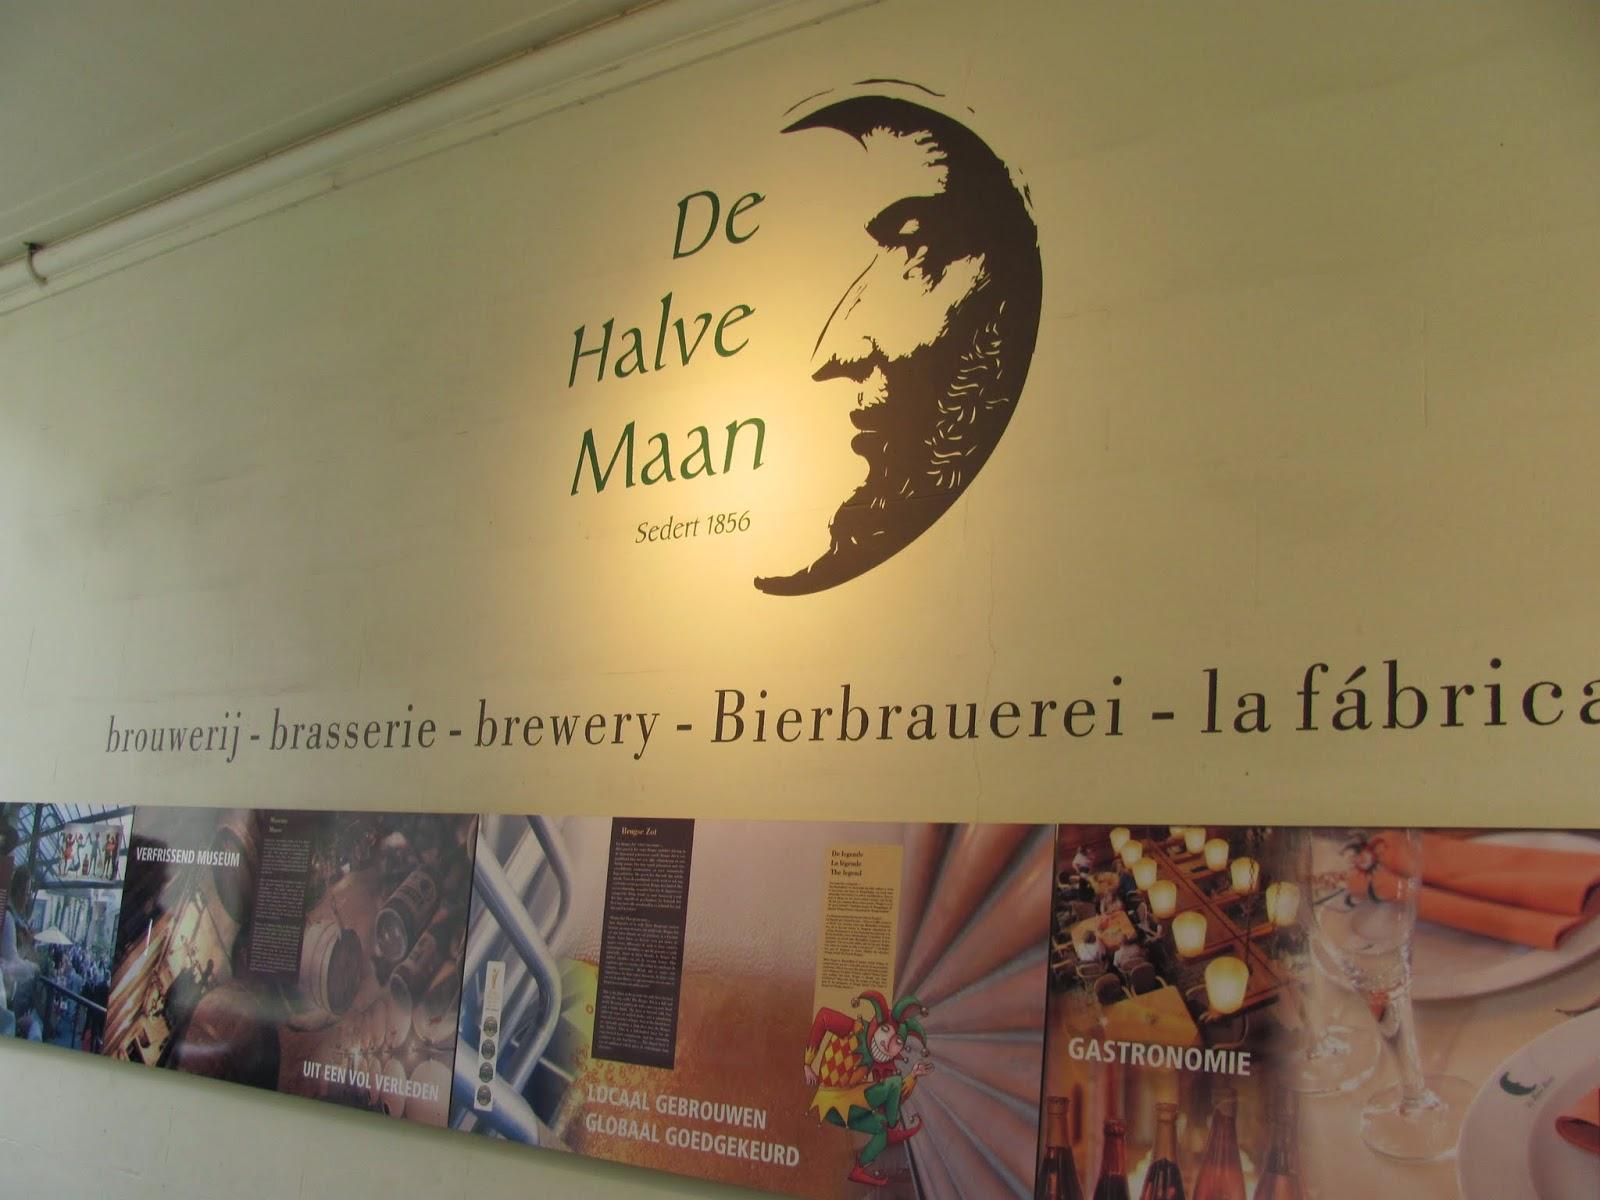 De Halve Maan Logo Bruges, Belgium